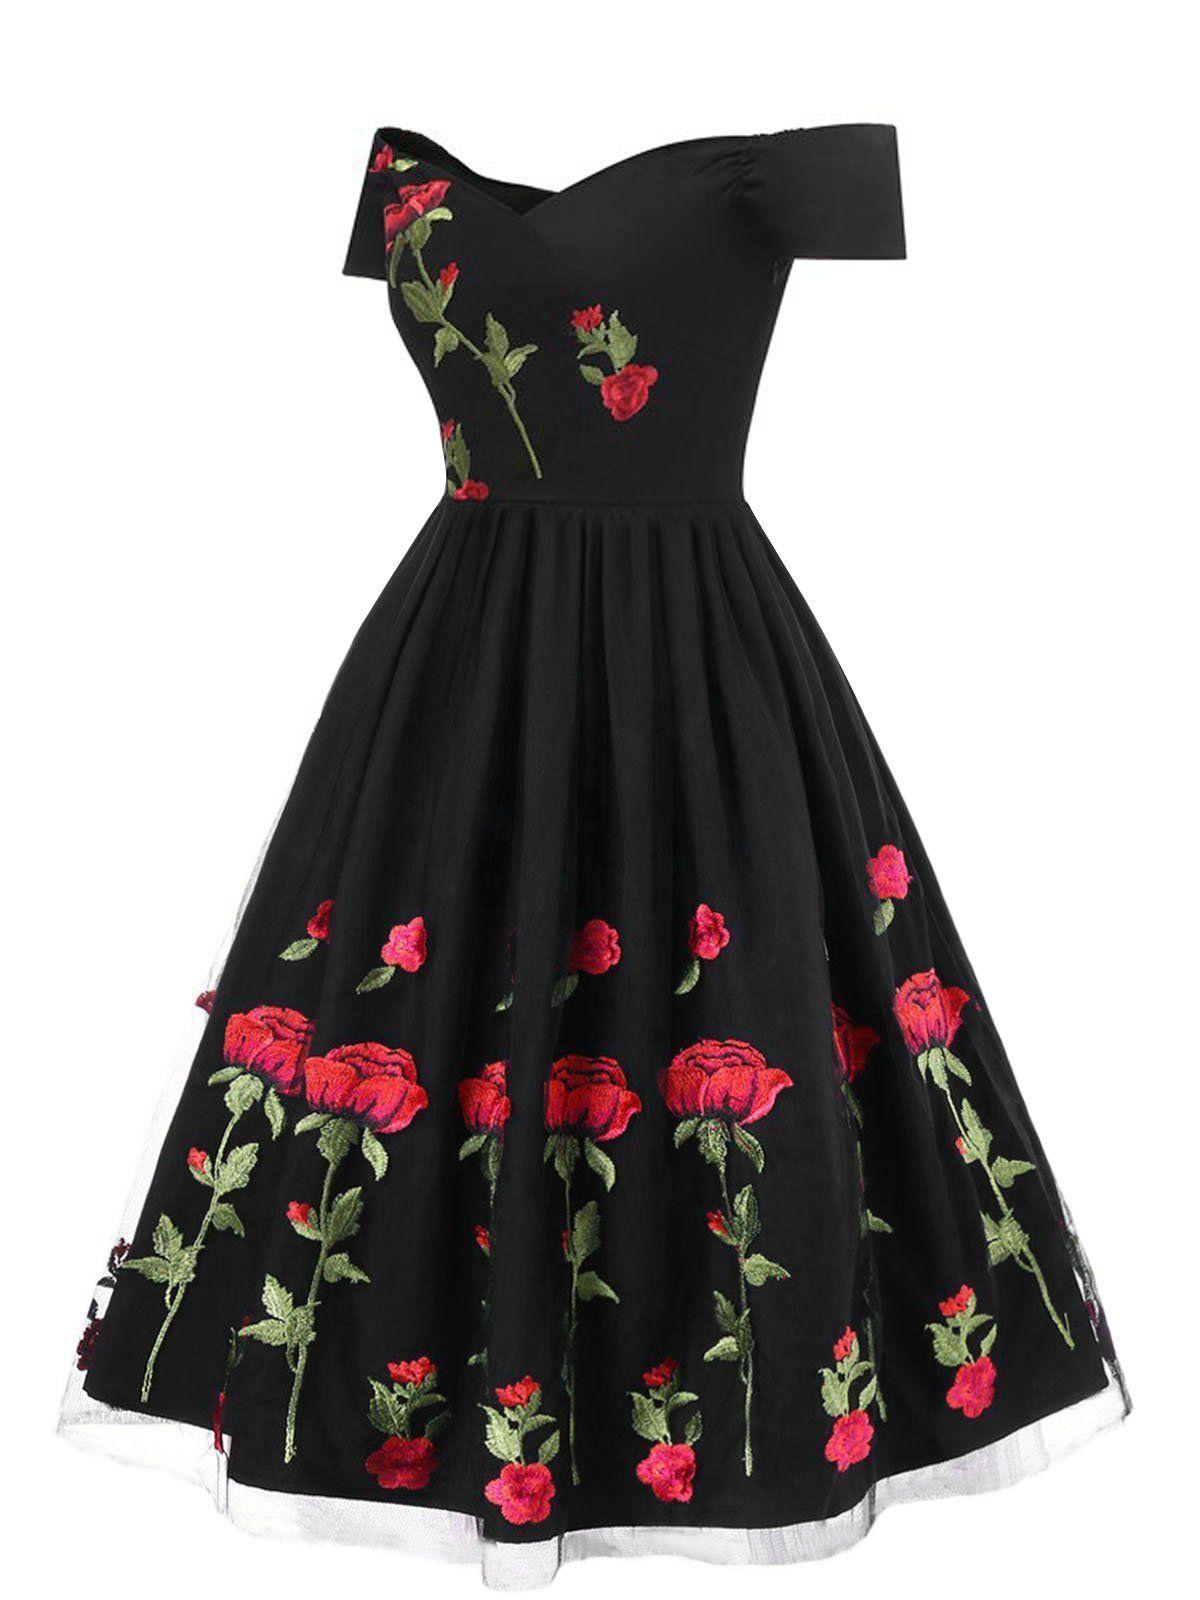 Embroidery Flower A-line Dress Retro V Neck  Mesh Dress Elegant Vintage Embroidery Elegant Dress